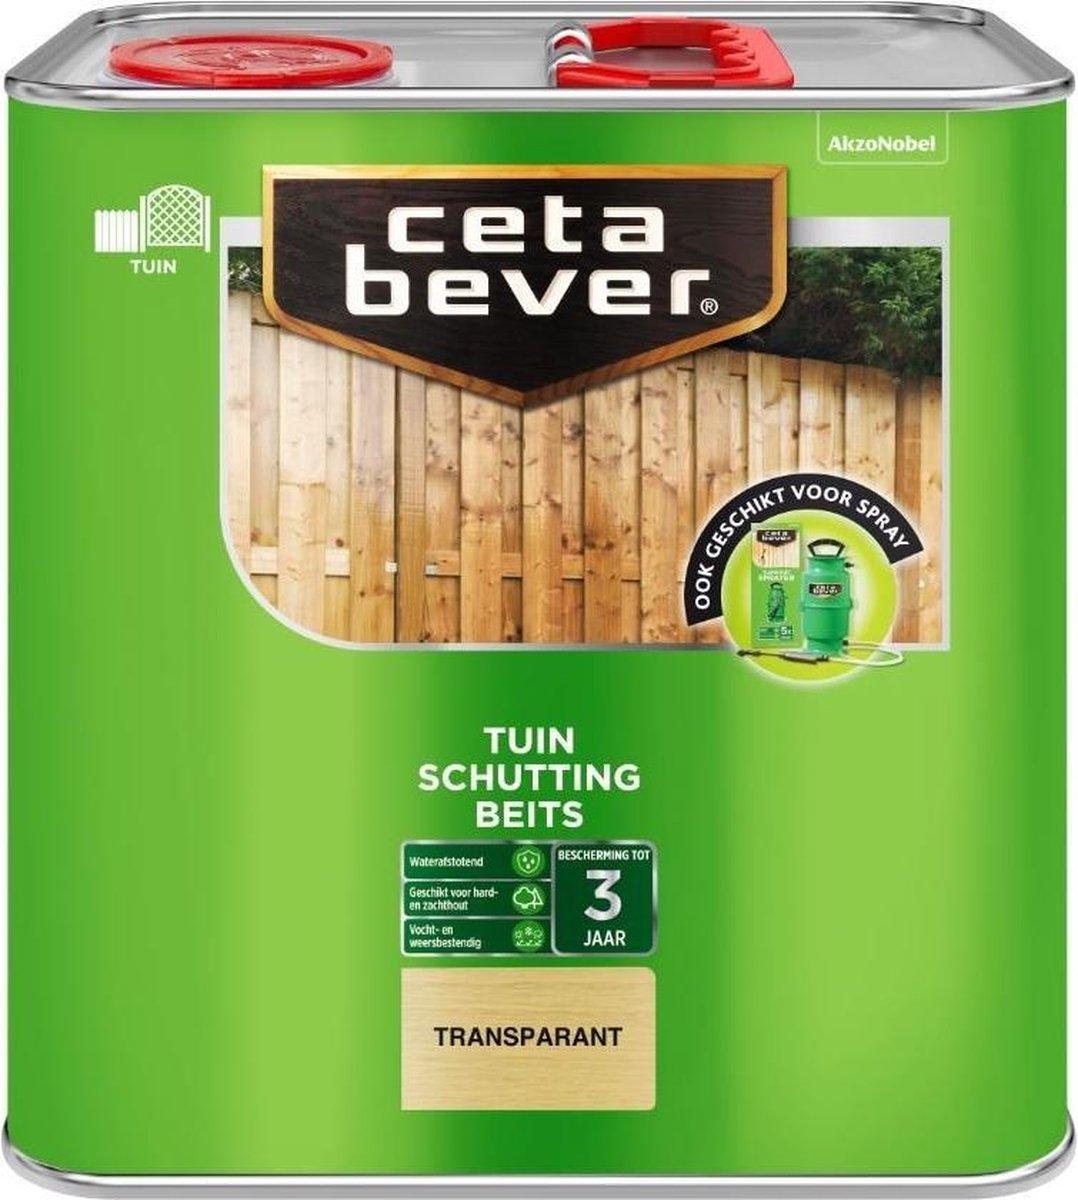 Cetabever Tuin Schutting Beits - Blank - 2,5L